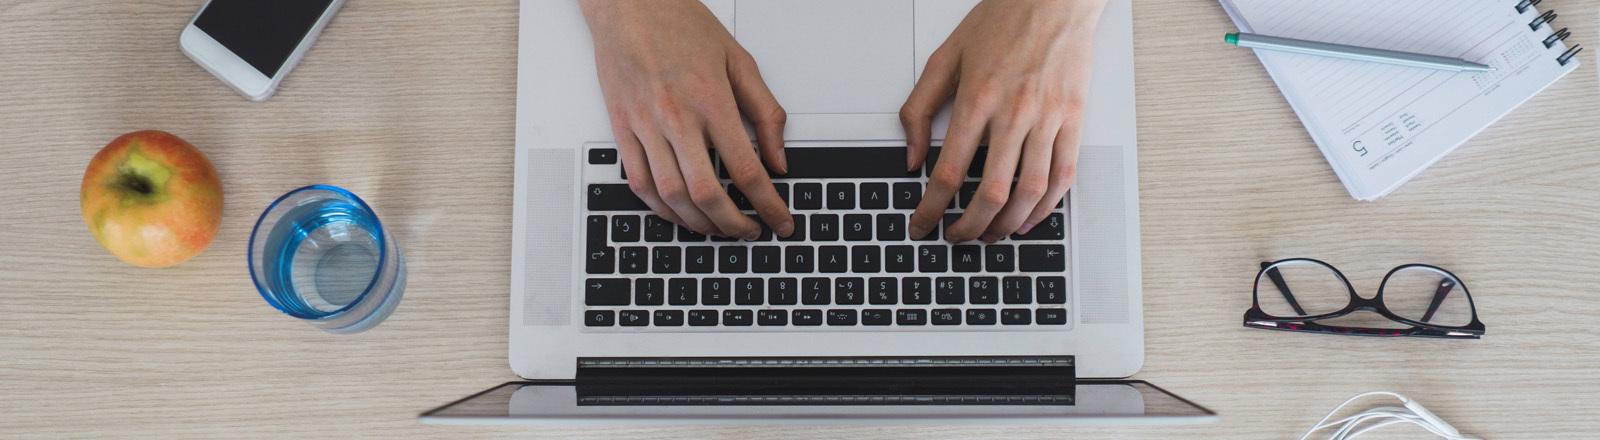 Hände tippen auf einem Laptop.